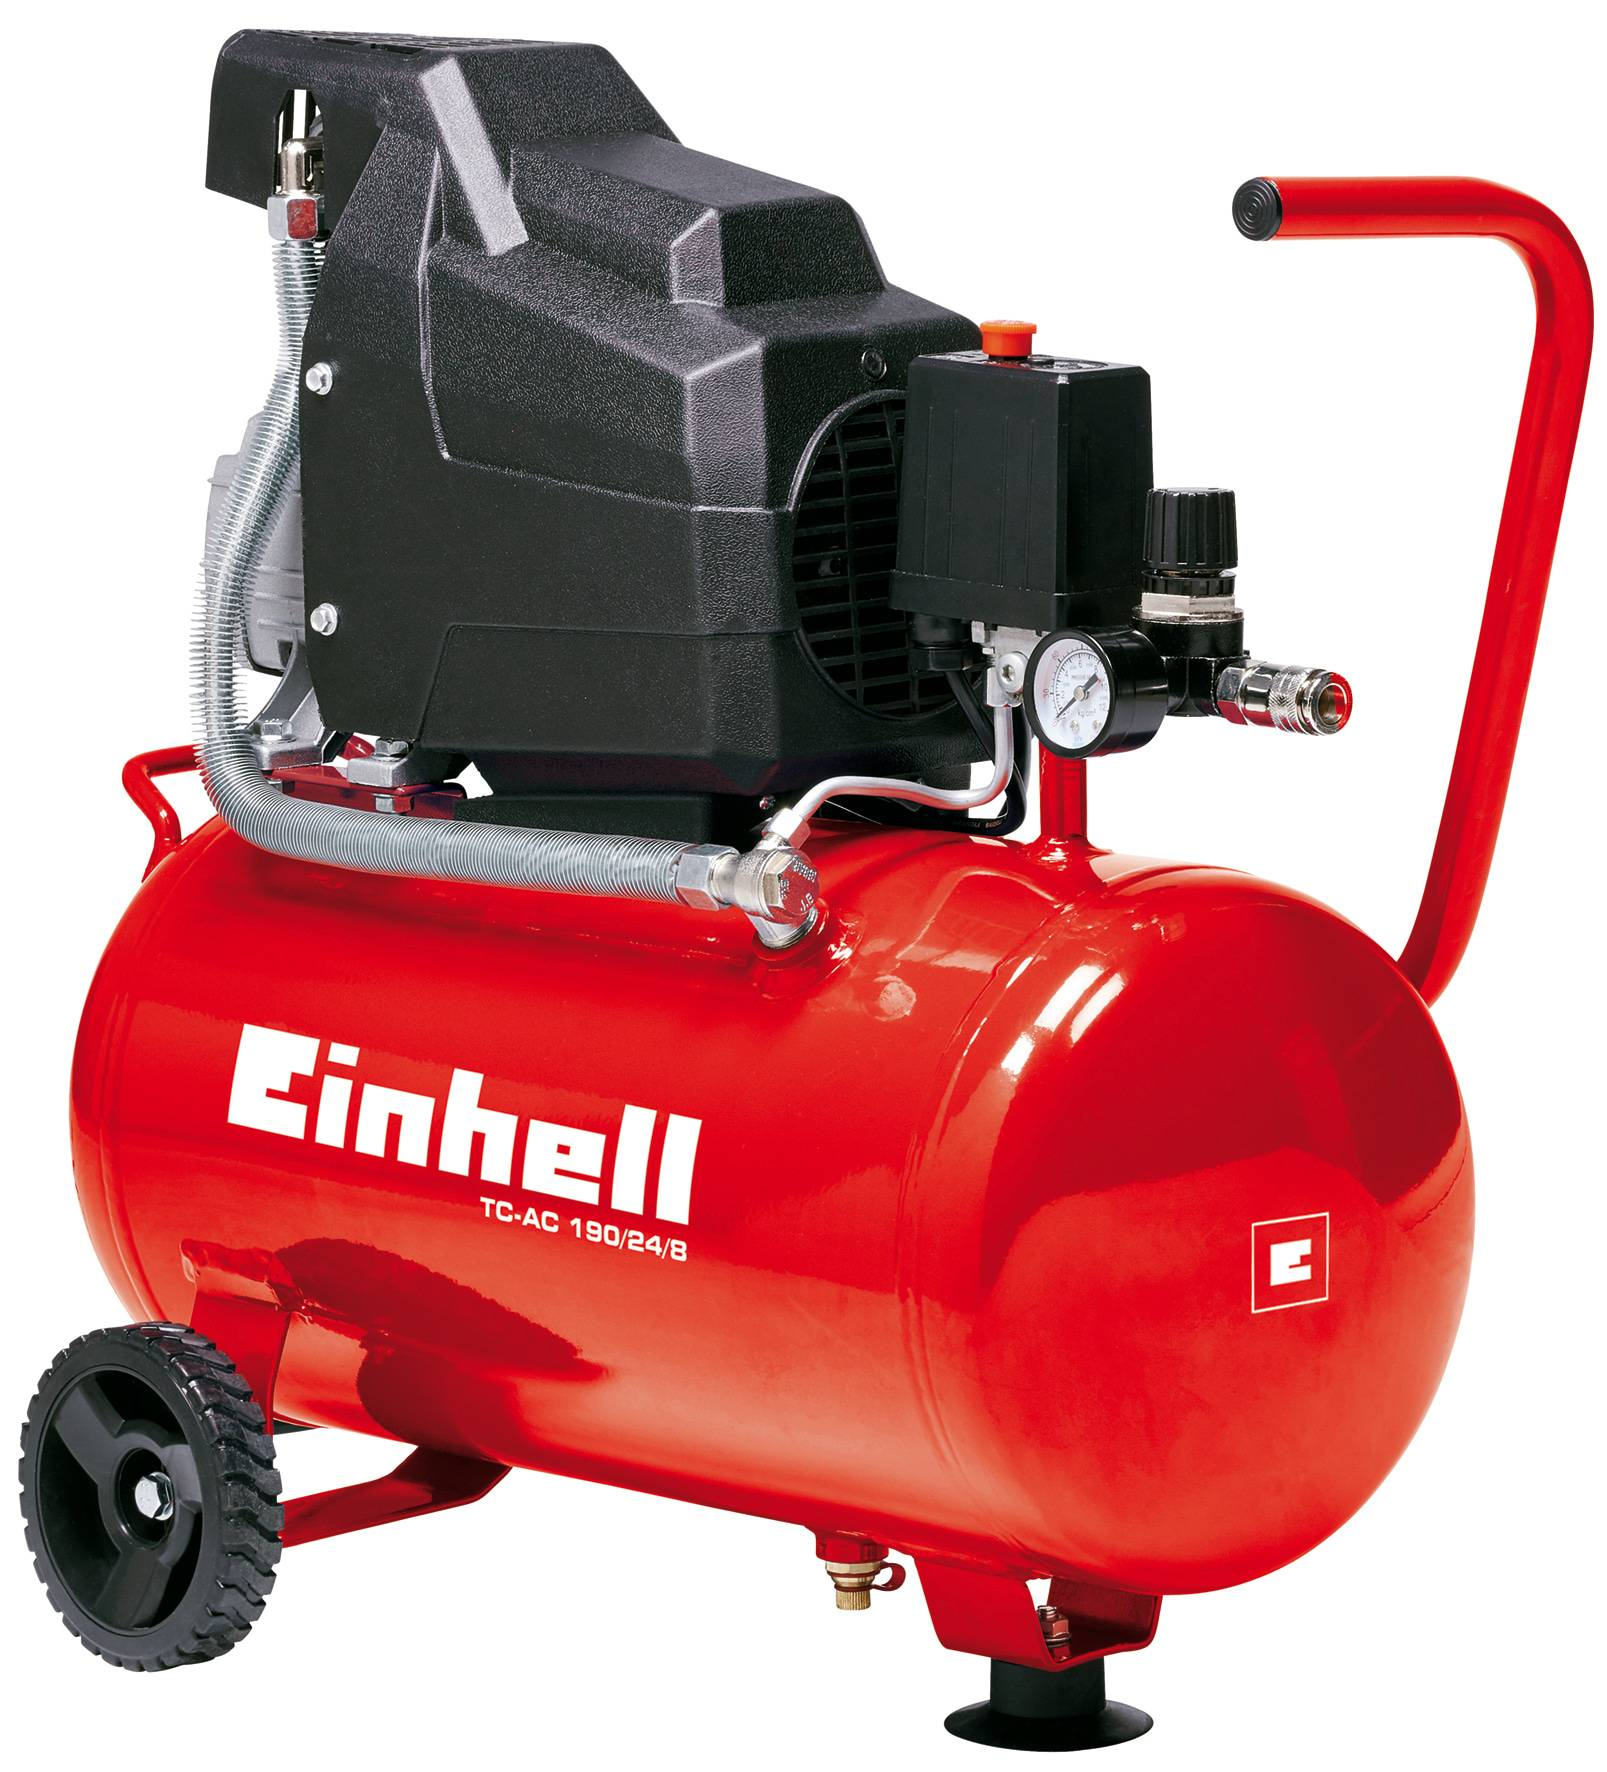 Einhell Classic C-AC 190/24/8 24l kompressori